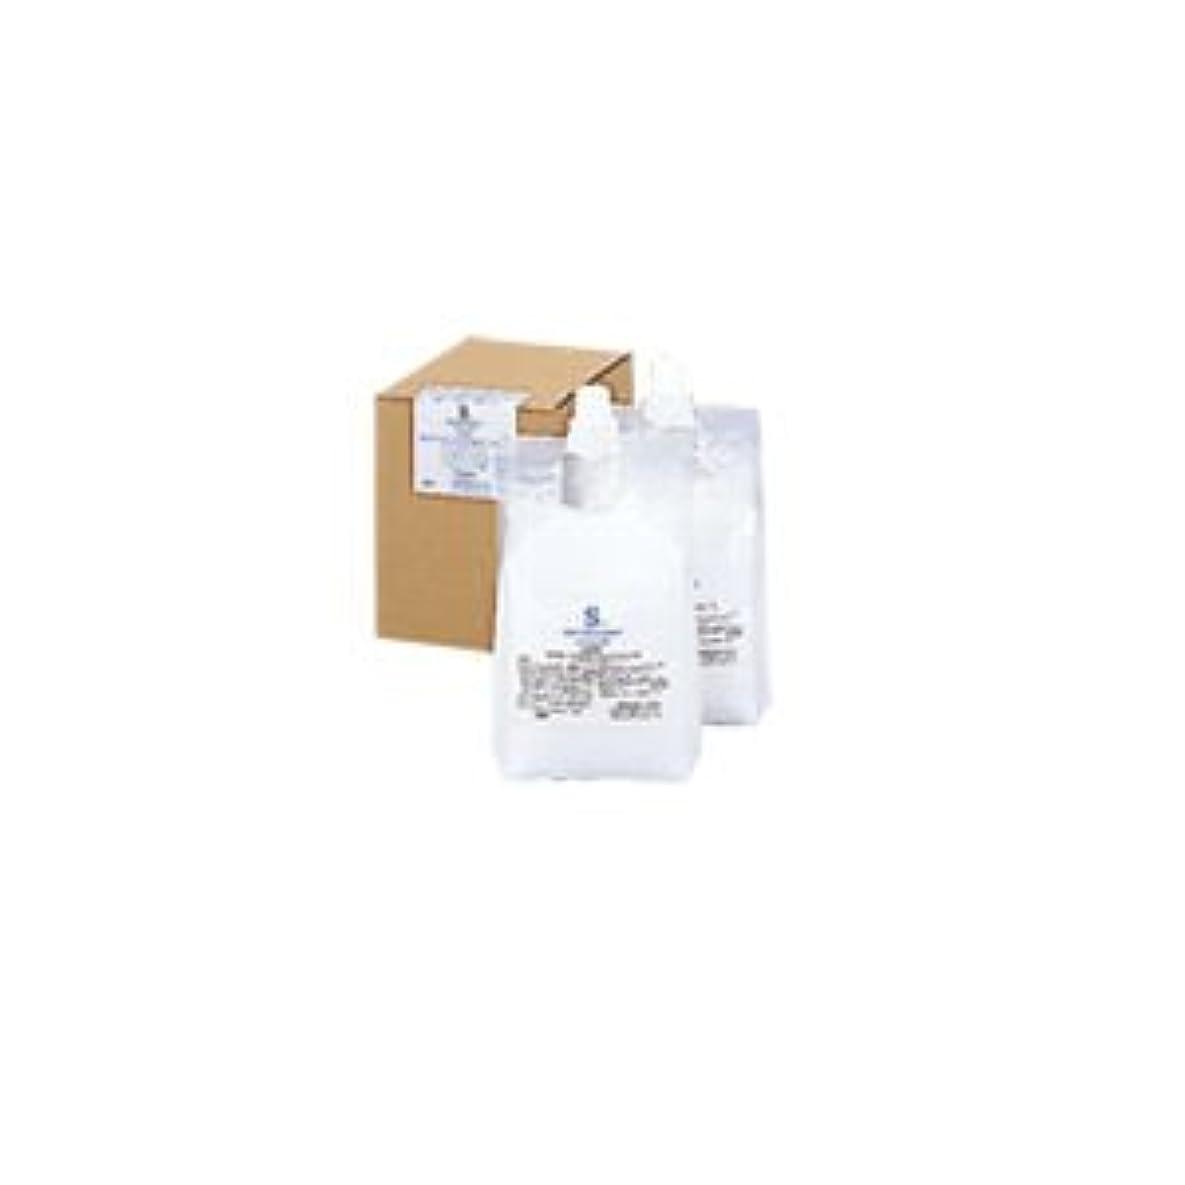 失業者学習円形ナカノ センフィーク コンディショナー スムース 3000ml(1500ml×2)レフィル